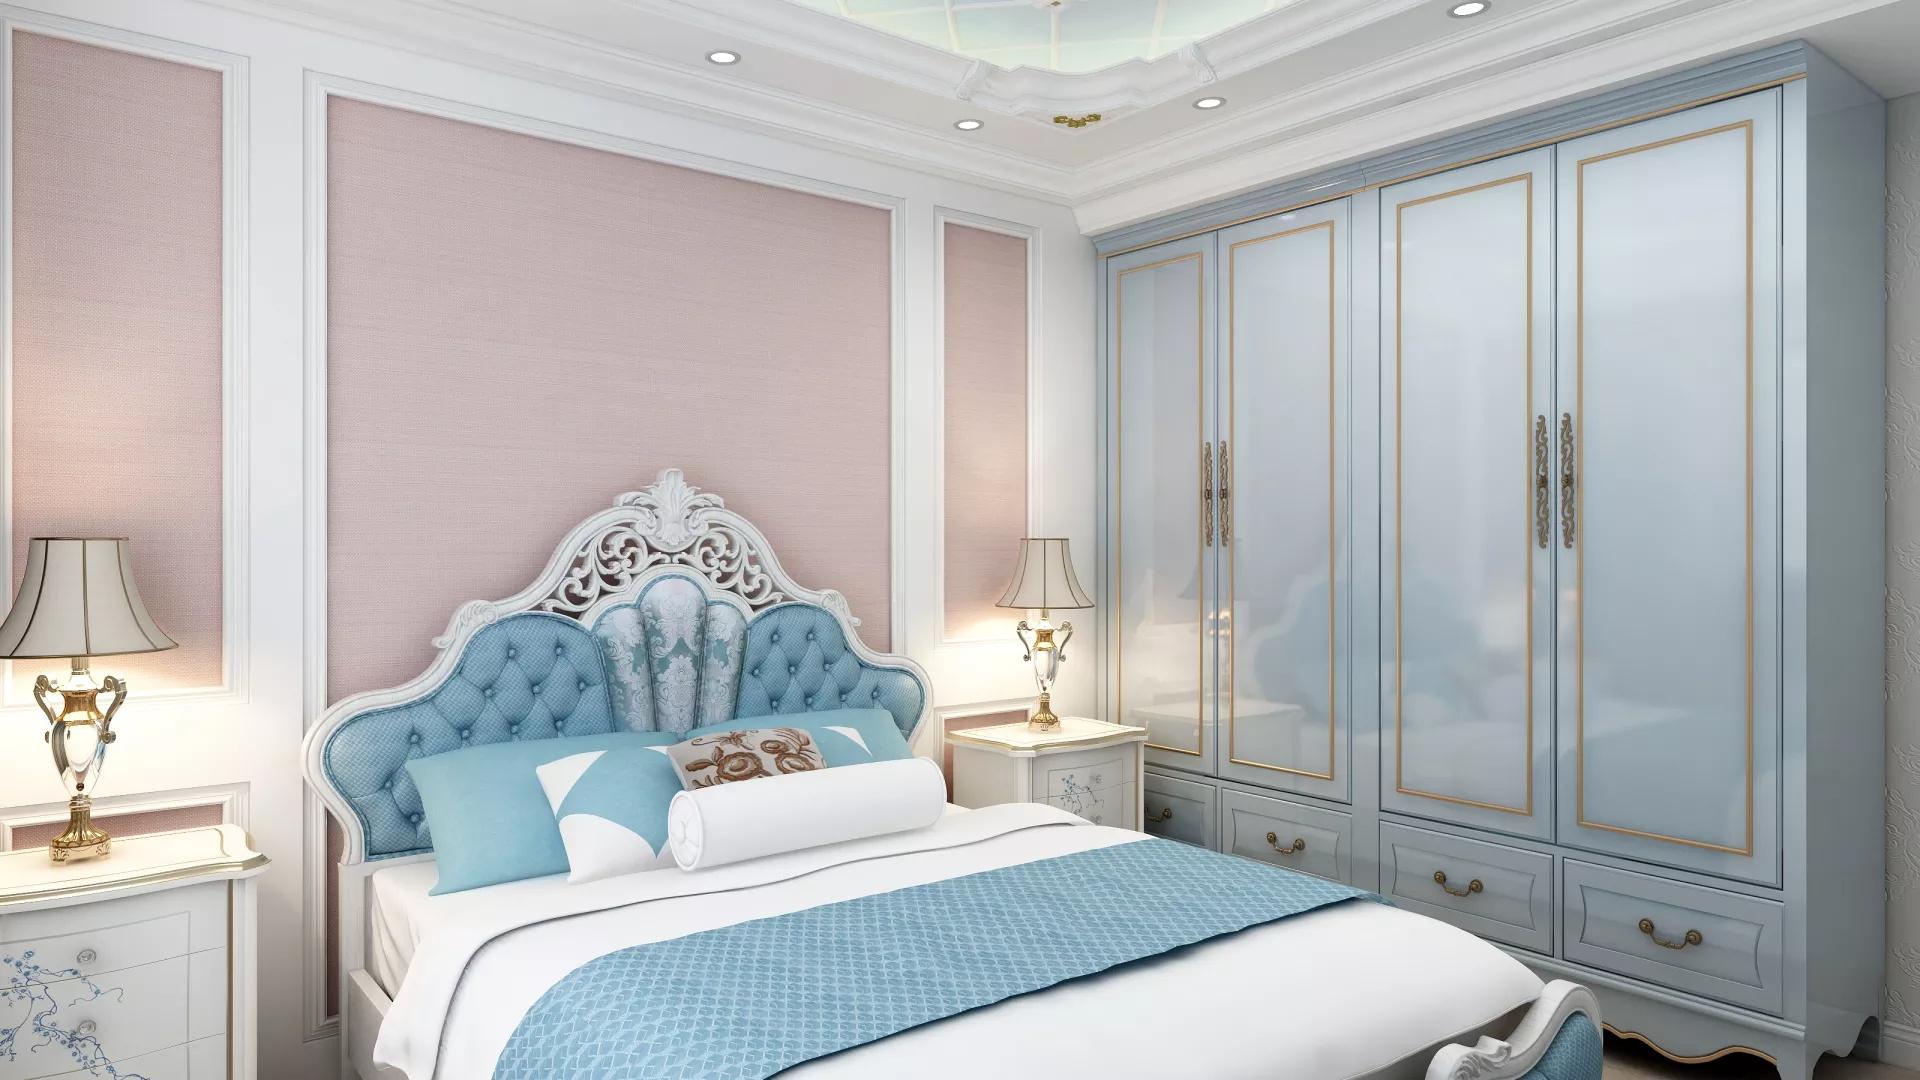 紫御东方样板房儿童卧室装修效果图